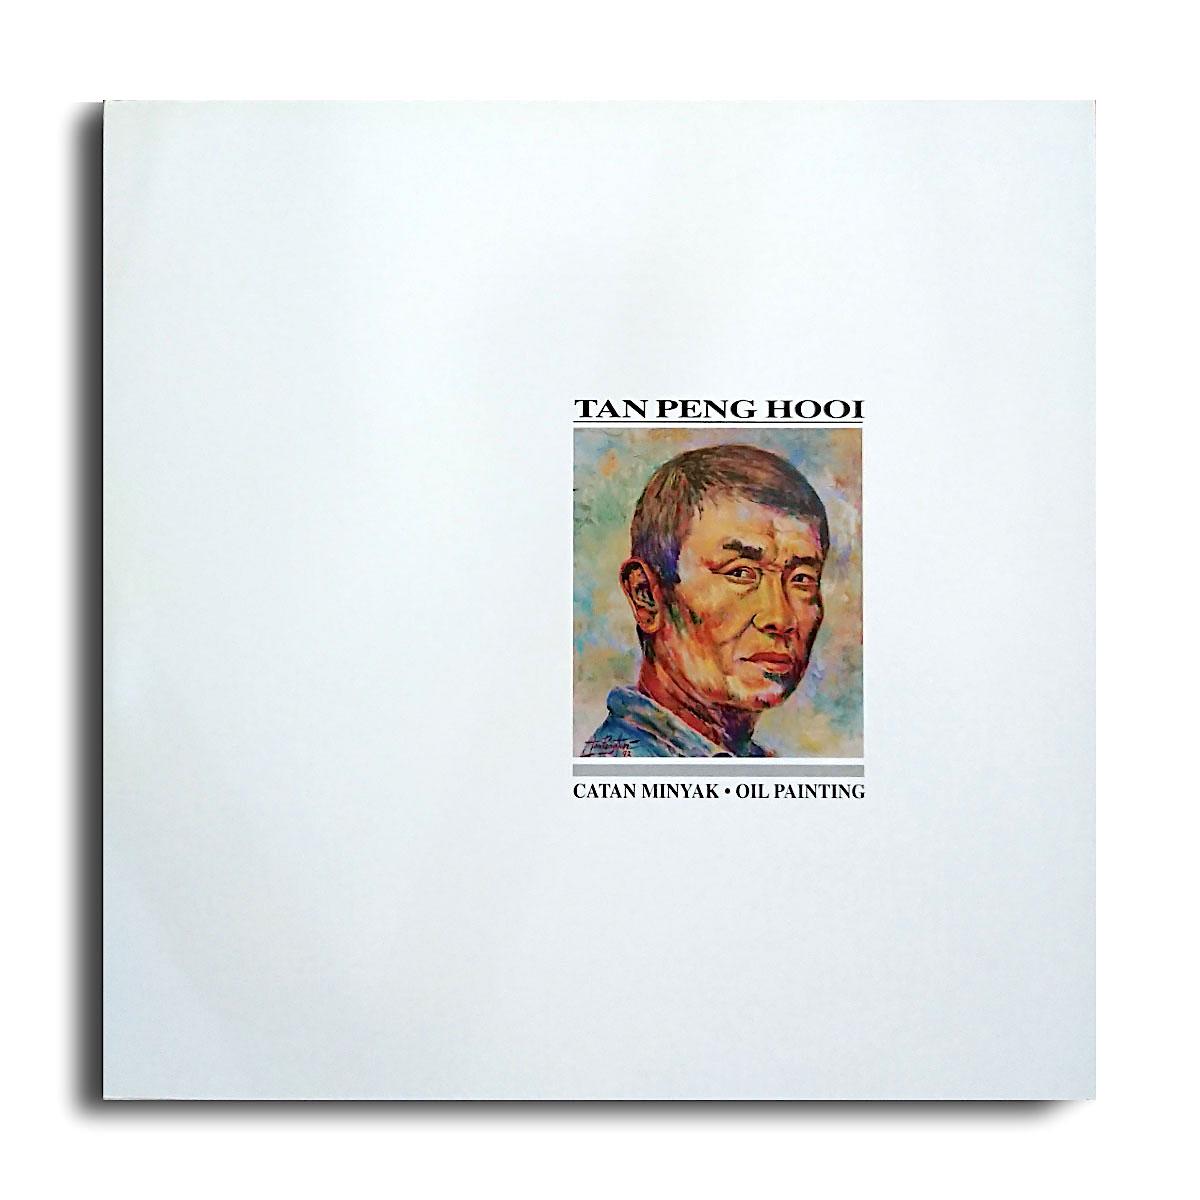 Tan Peng Hooi - Oil Painting